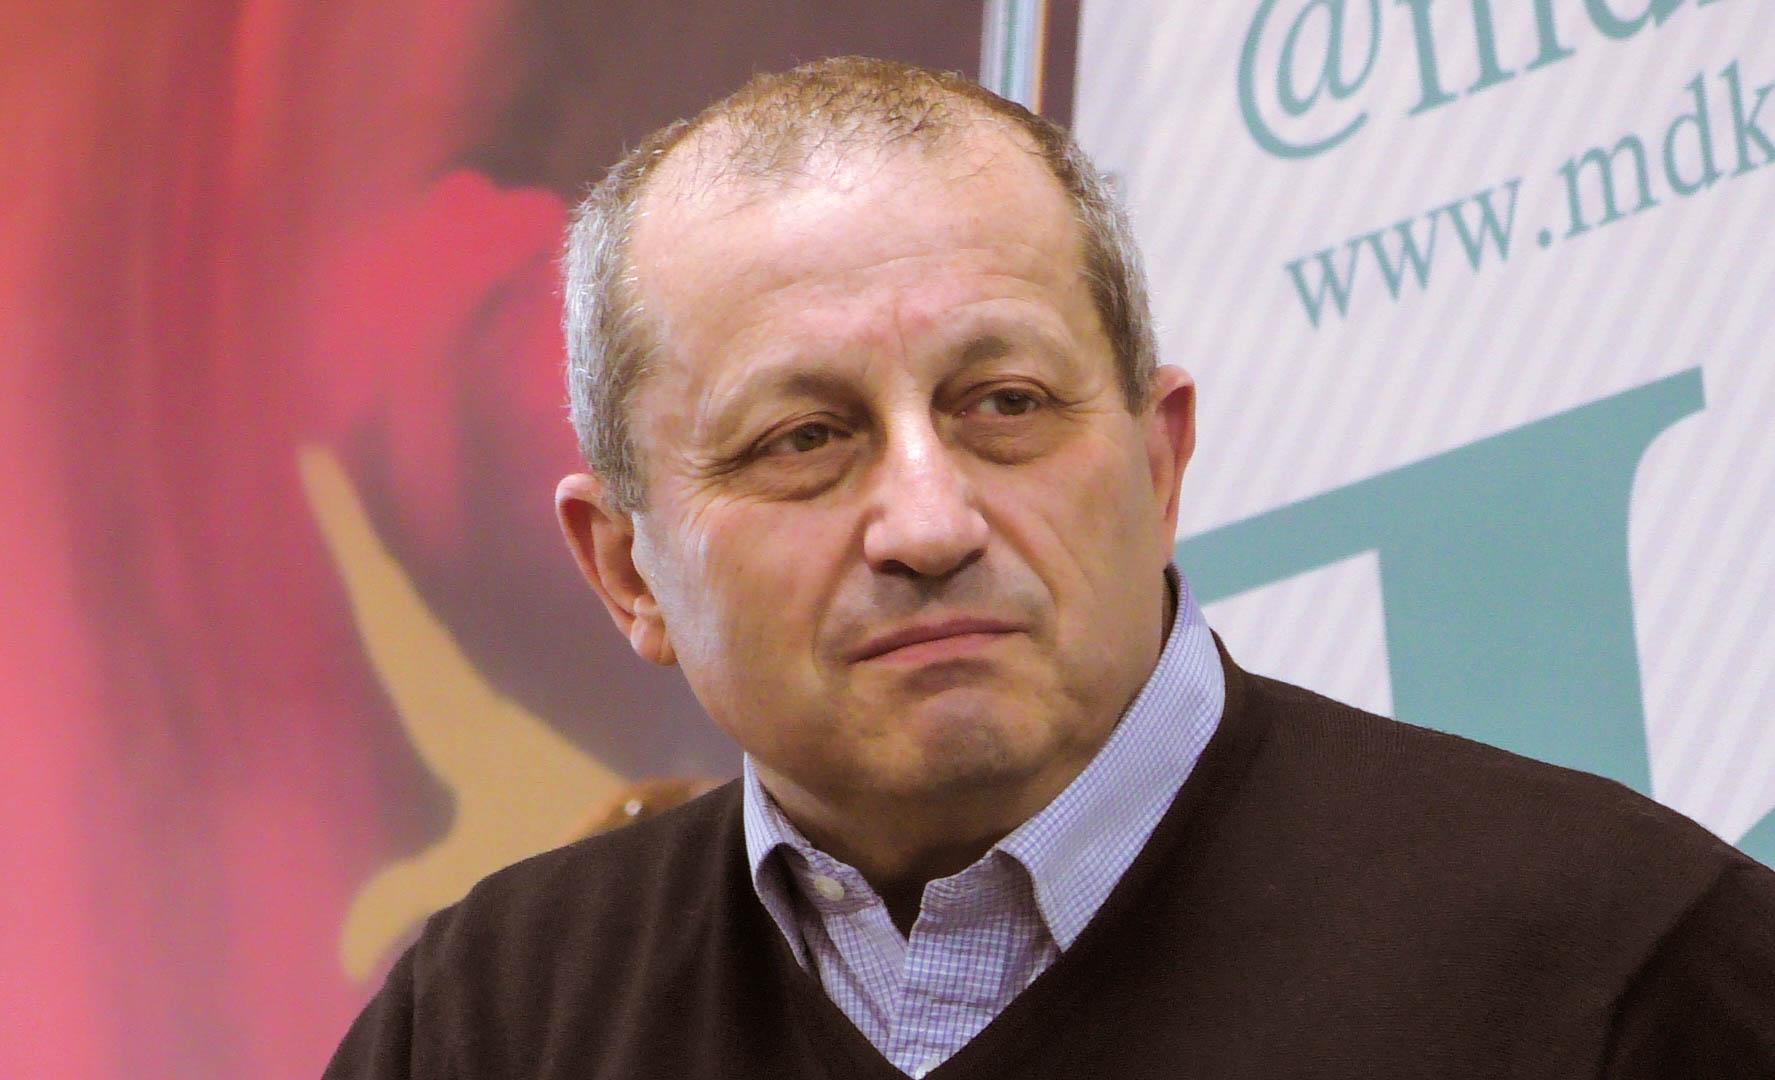 Кедми: Эрдоган ошибся, Азербайджан не в состоянии